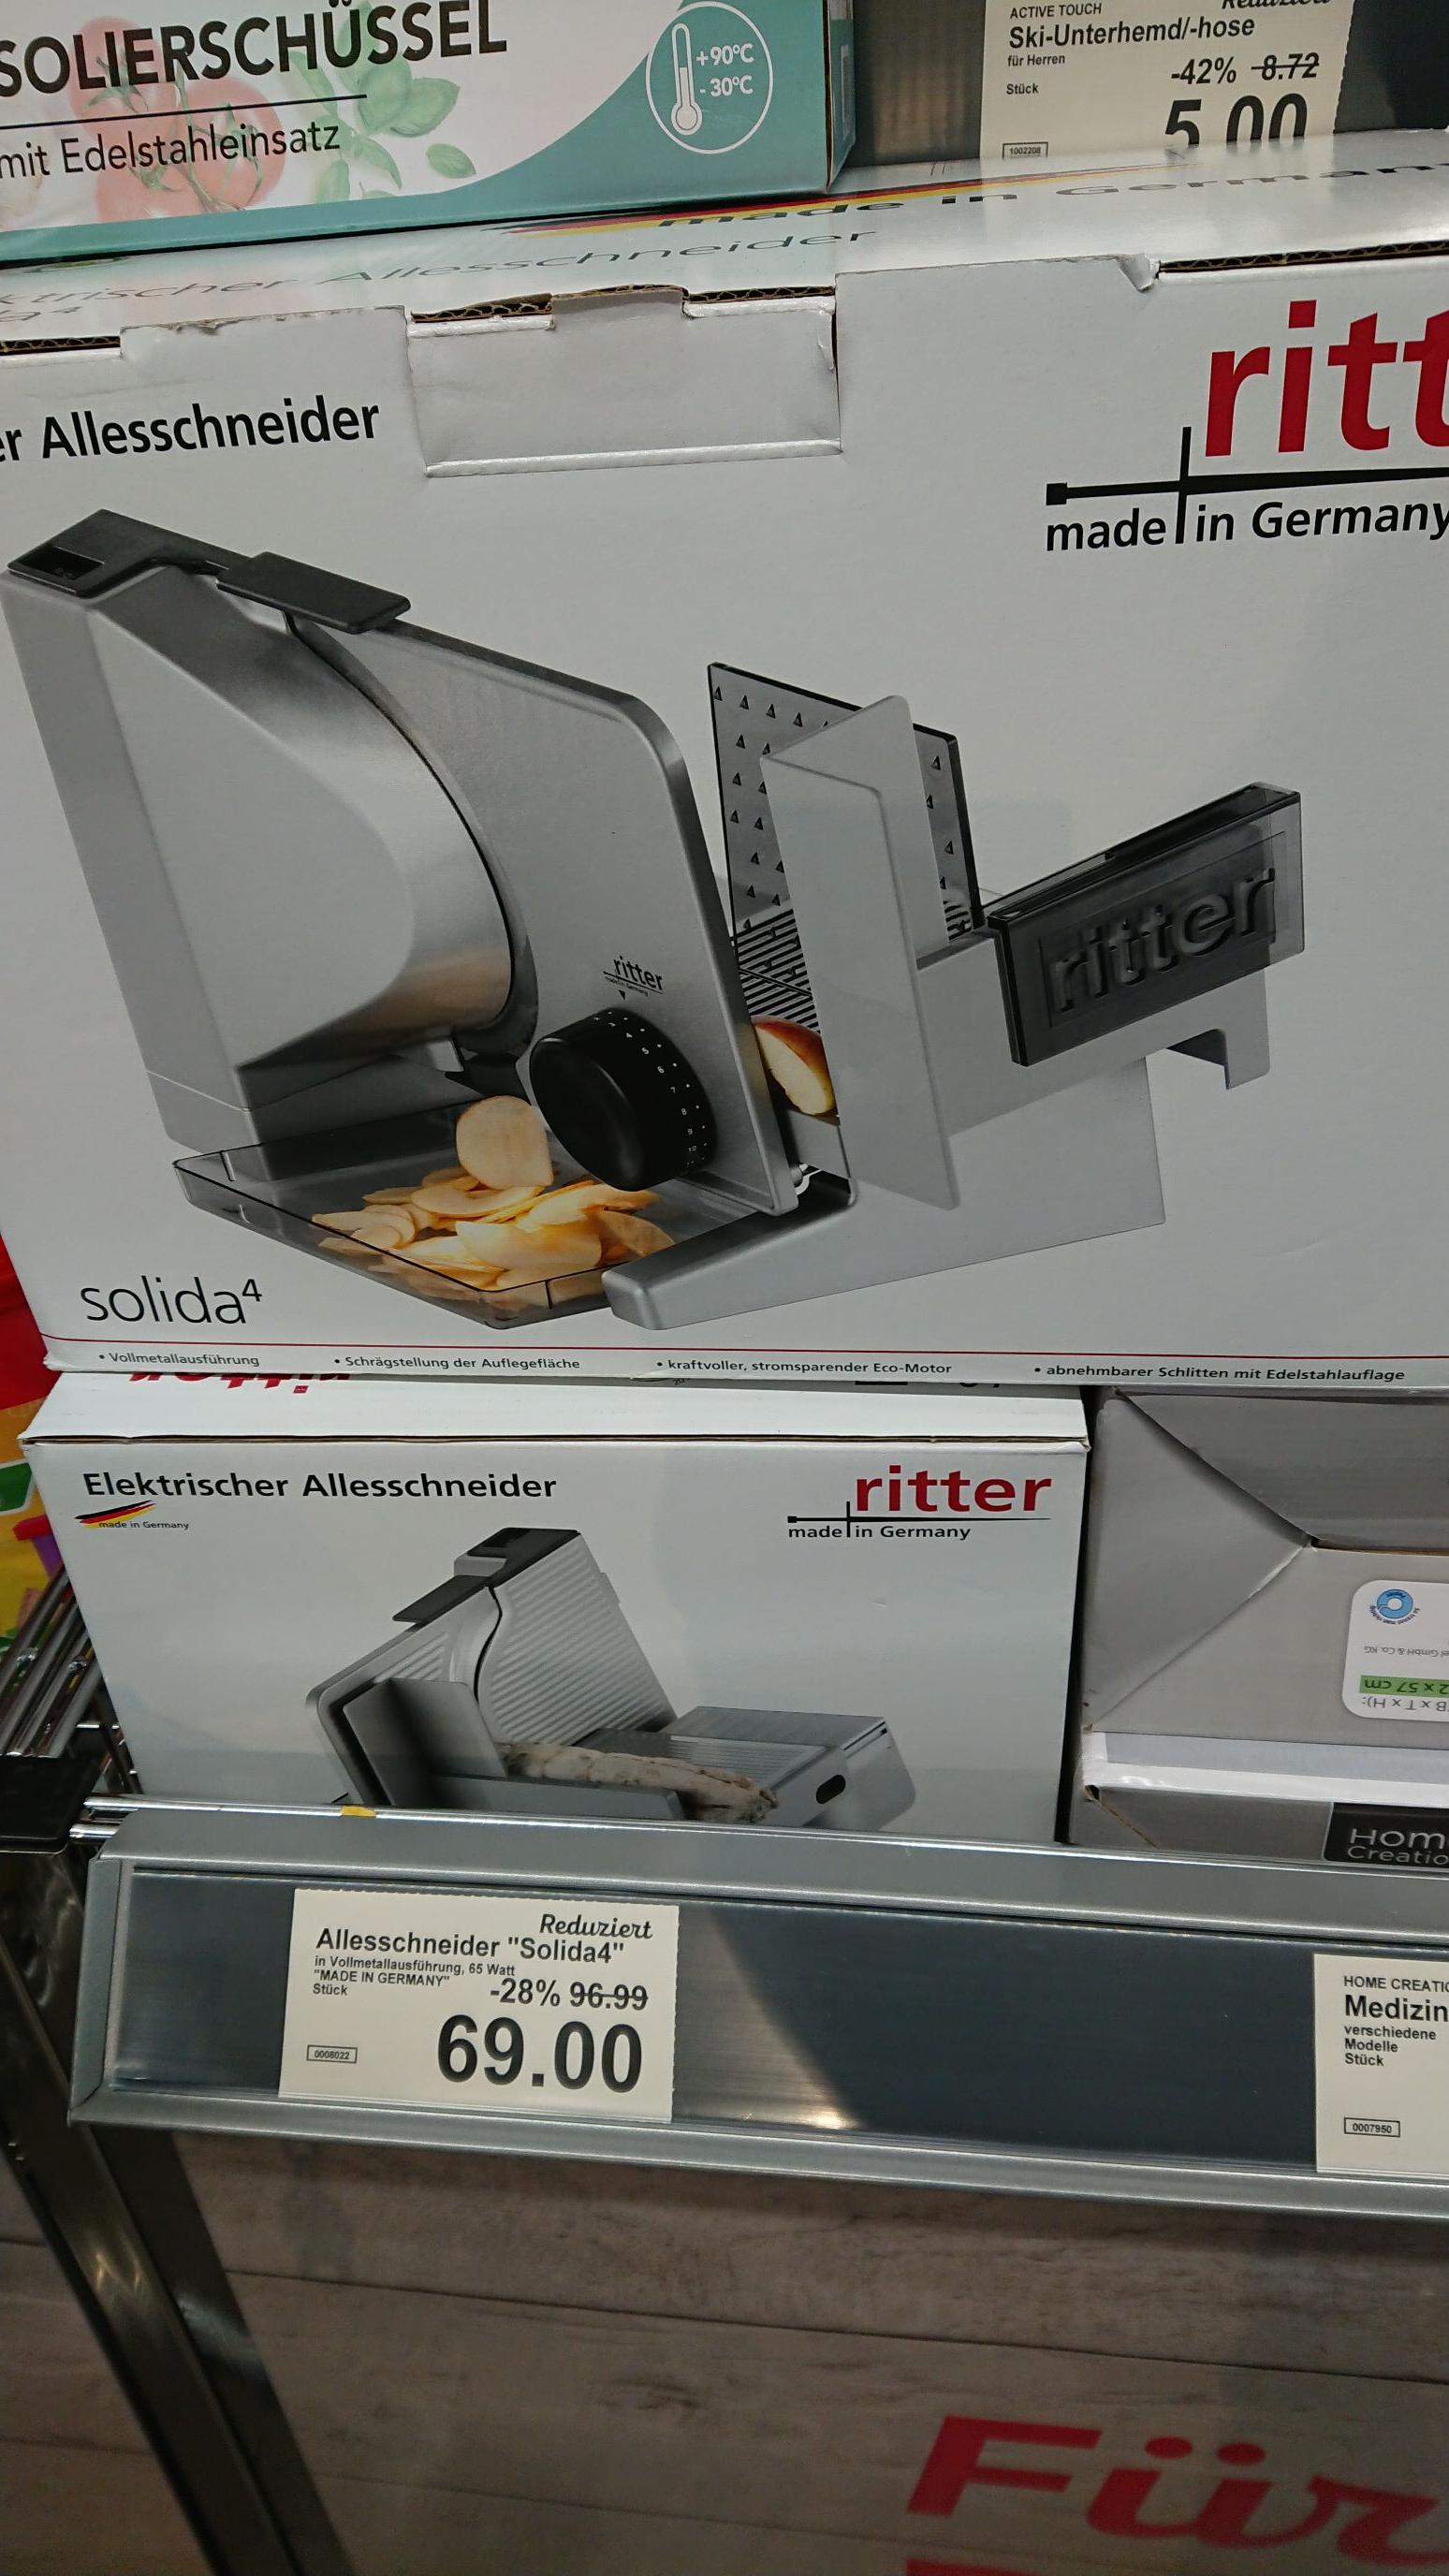 Allesschneider Ritter Solida 4 zum Bestpreis bei [Aldi Nord] in Oldenburg (und anderswo?)